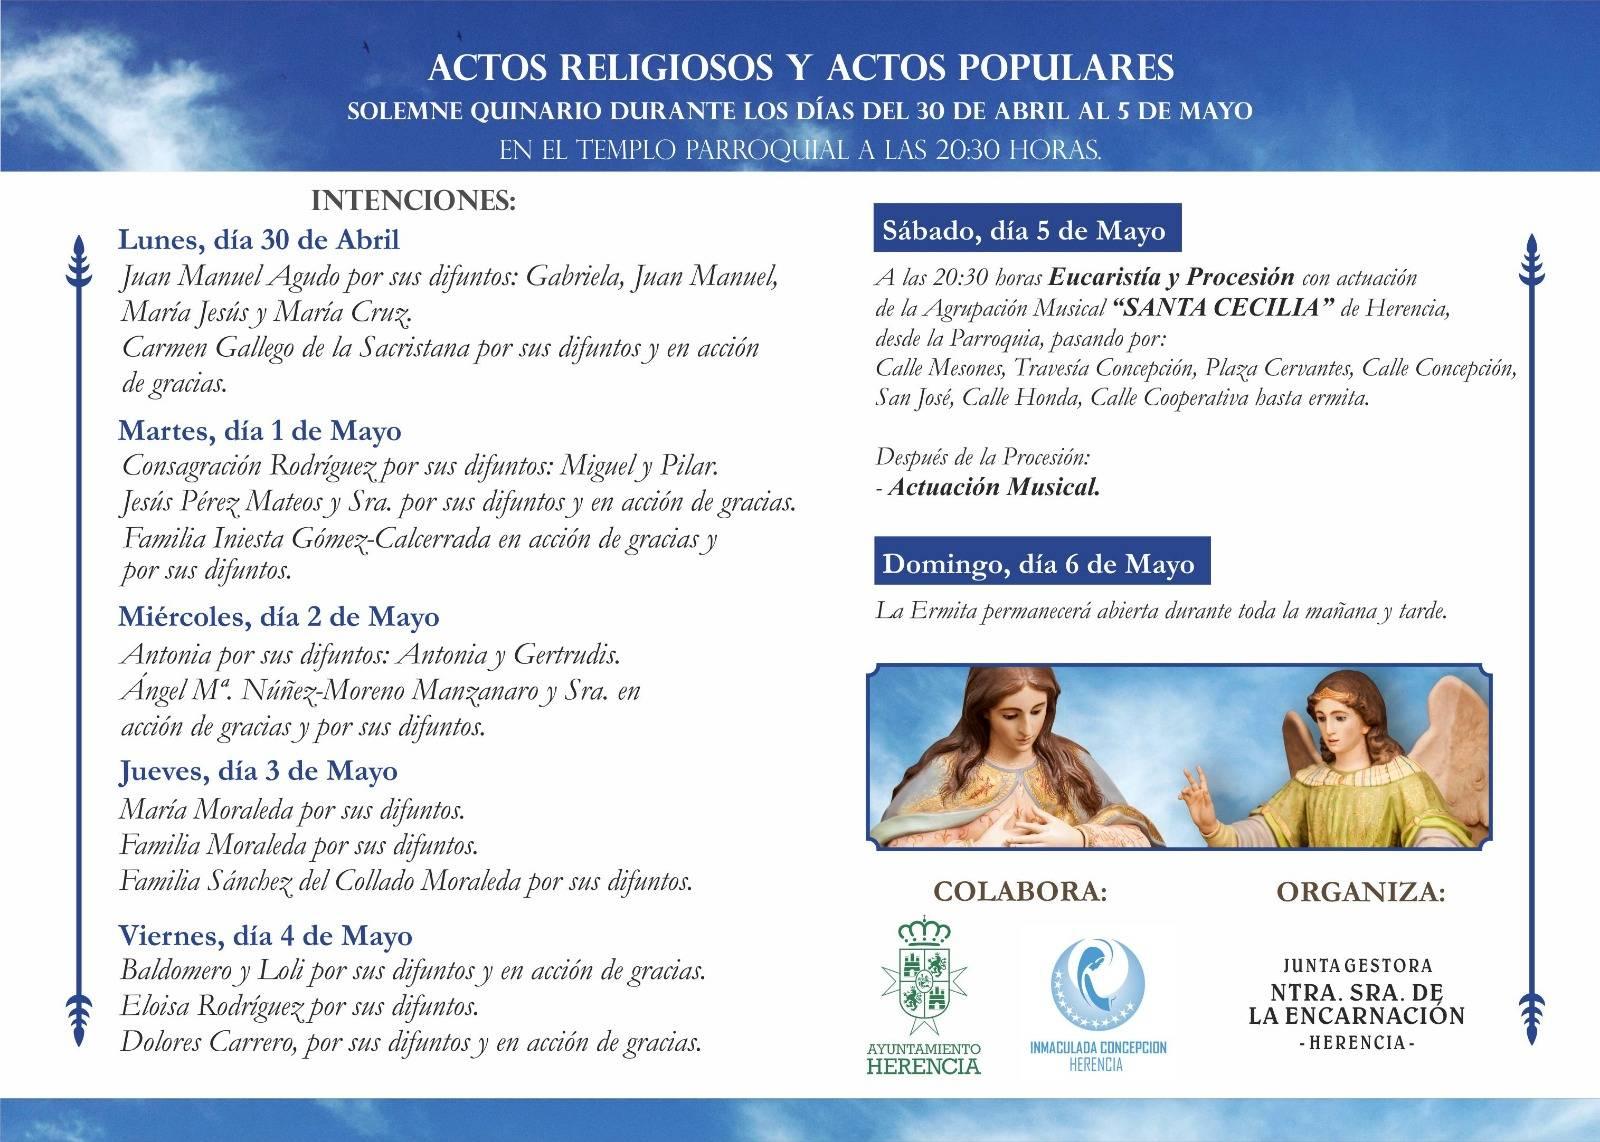 Fiestas en honor a Nuestra Señora de la Encarnación en Herencia 6